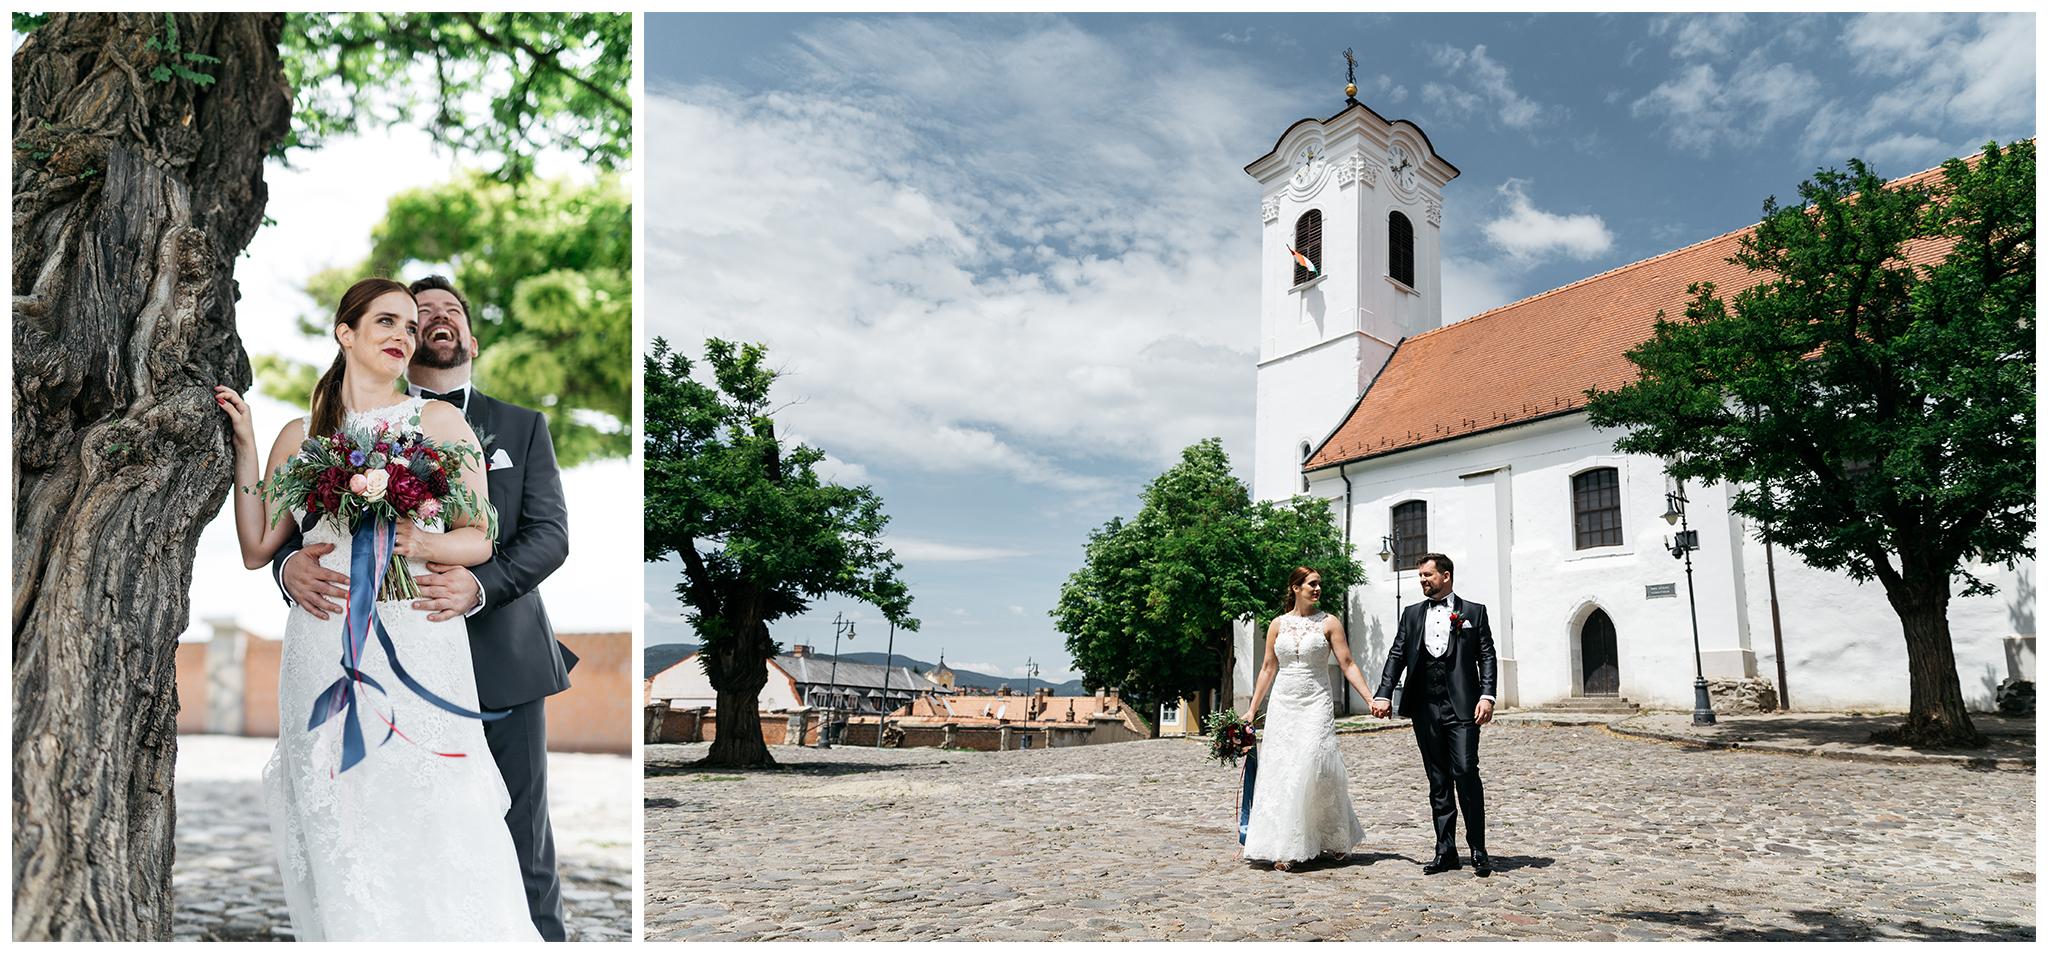 MONT_FylepPhoto, Esküvőfotós Vasmegye, Esküvő fotózás, Esküvői fotós, Körmend, Vas megye, Dunántúl, Budapest, Fülöp Péter, Jegyes fotózás, jegyes, kreatív, kreatívfotózás,Wien,Ausztira,Österreich,hochzeitsfotograf_V&M_010.jpg